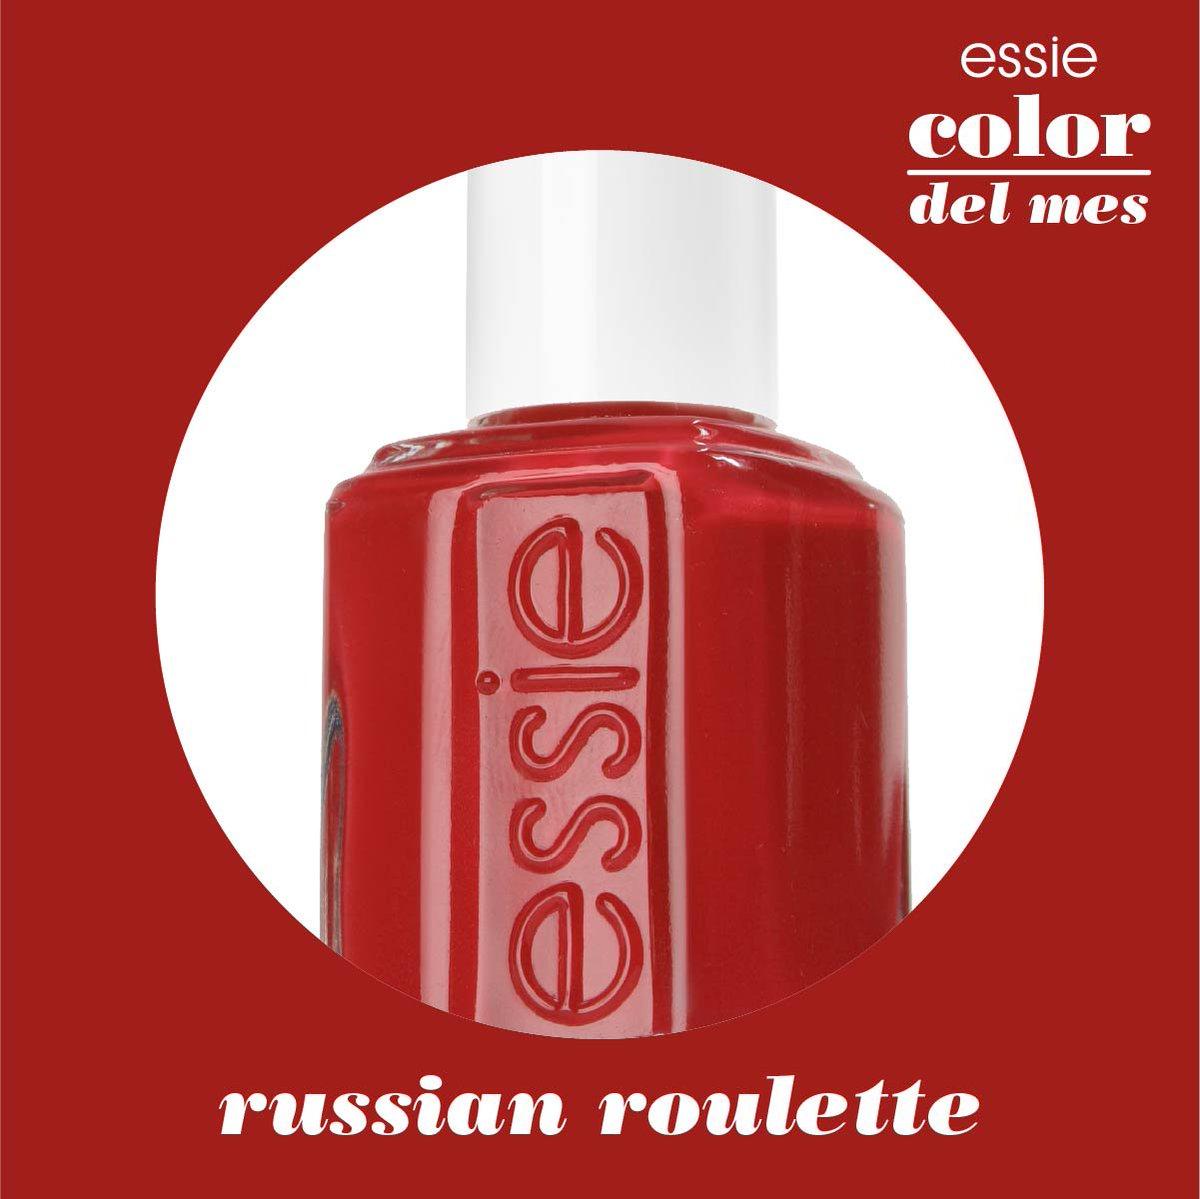 Y para llenarnos de alegría y color esta navidad el #colordelmes es russian roulette  Encuentra todos los tonos en: https://t.co/KRfcBoQA6U https://t.co/pwB4sU2OUc